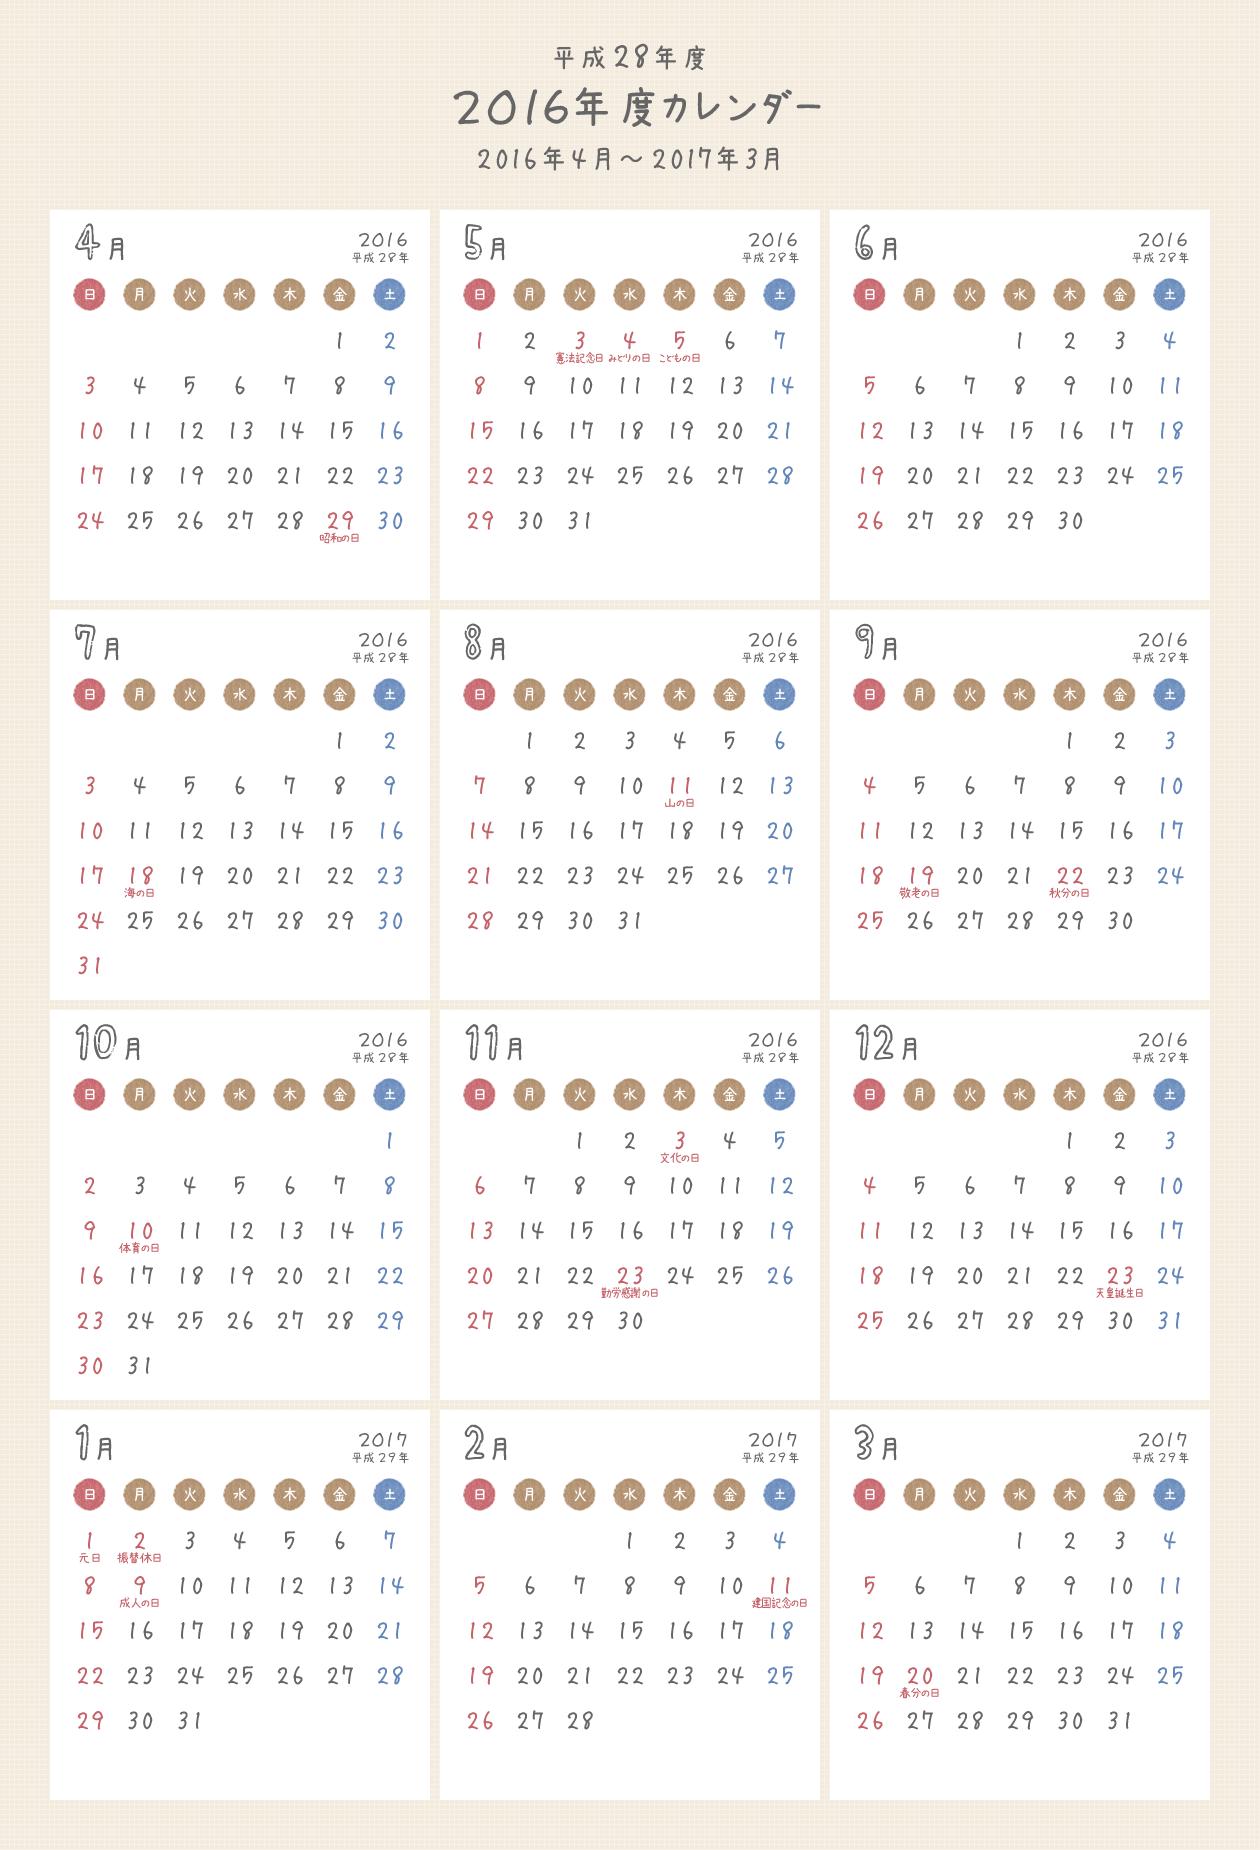 【4月始まり】2016年度(平成28年度)かわいい年間カレンダー